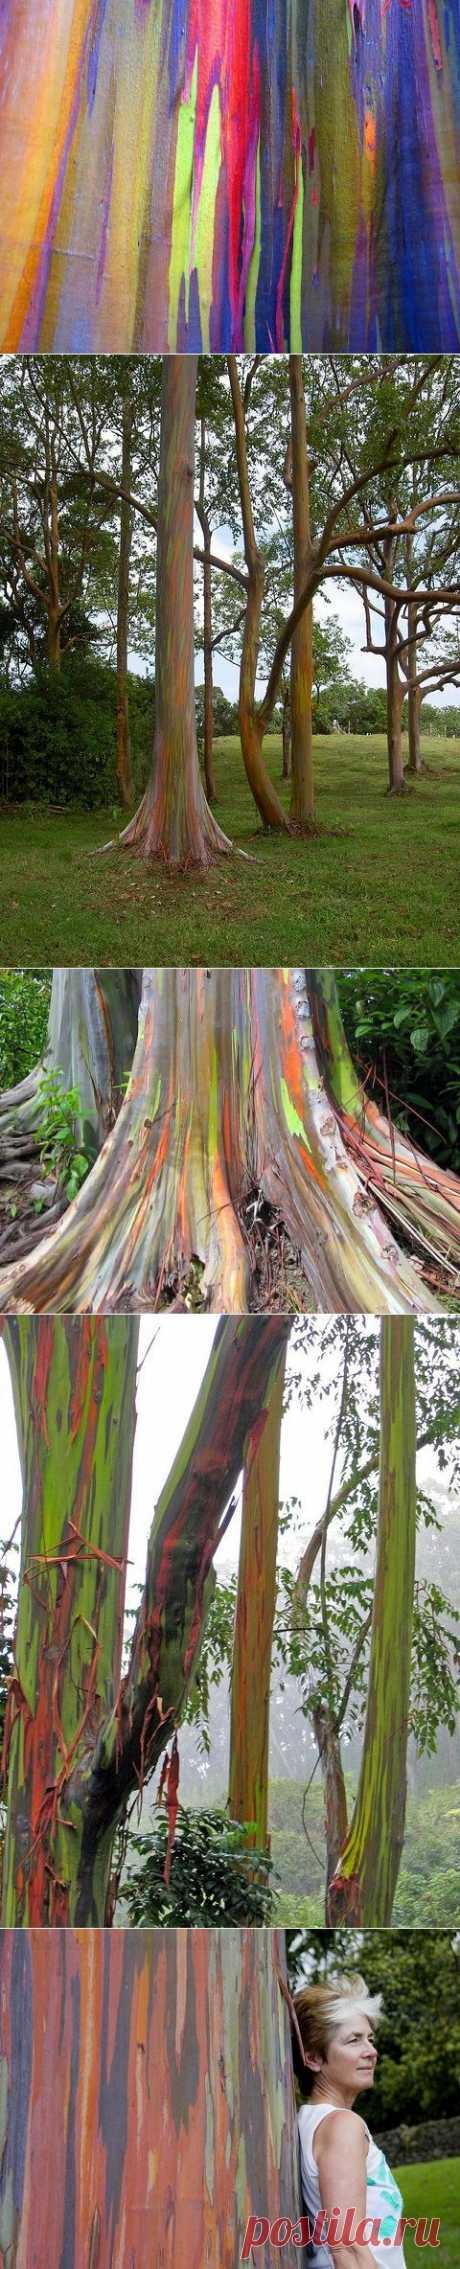 Дерево-радуга